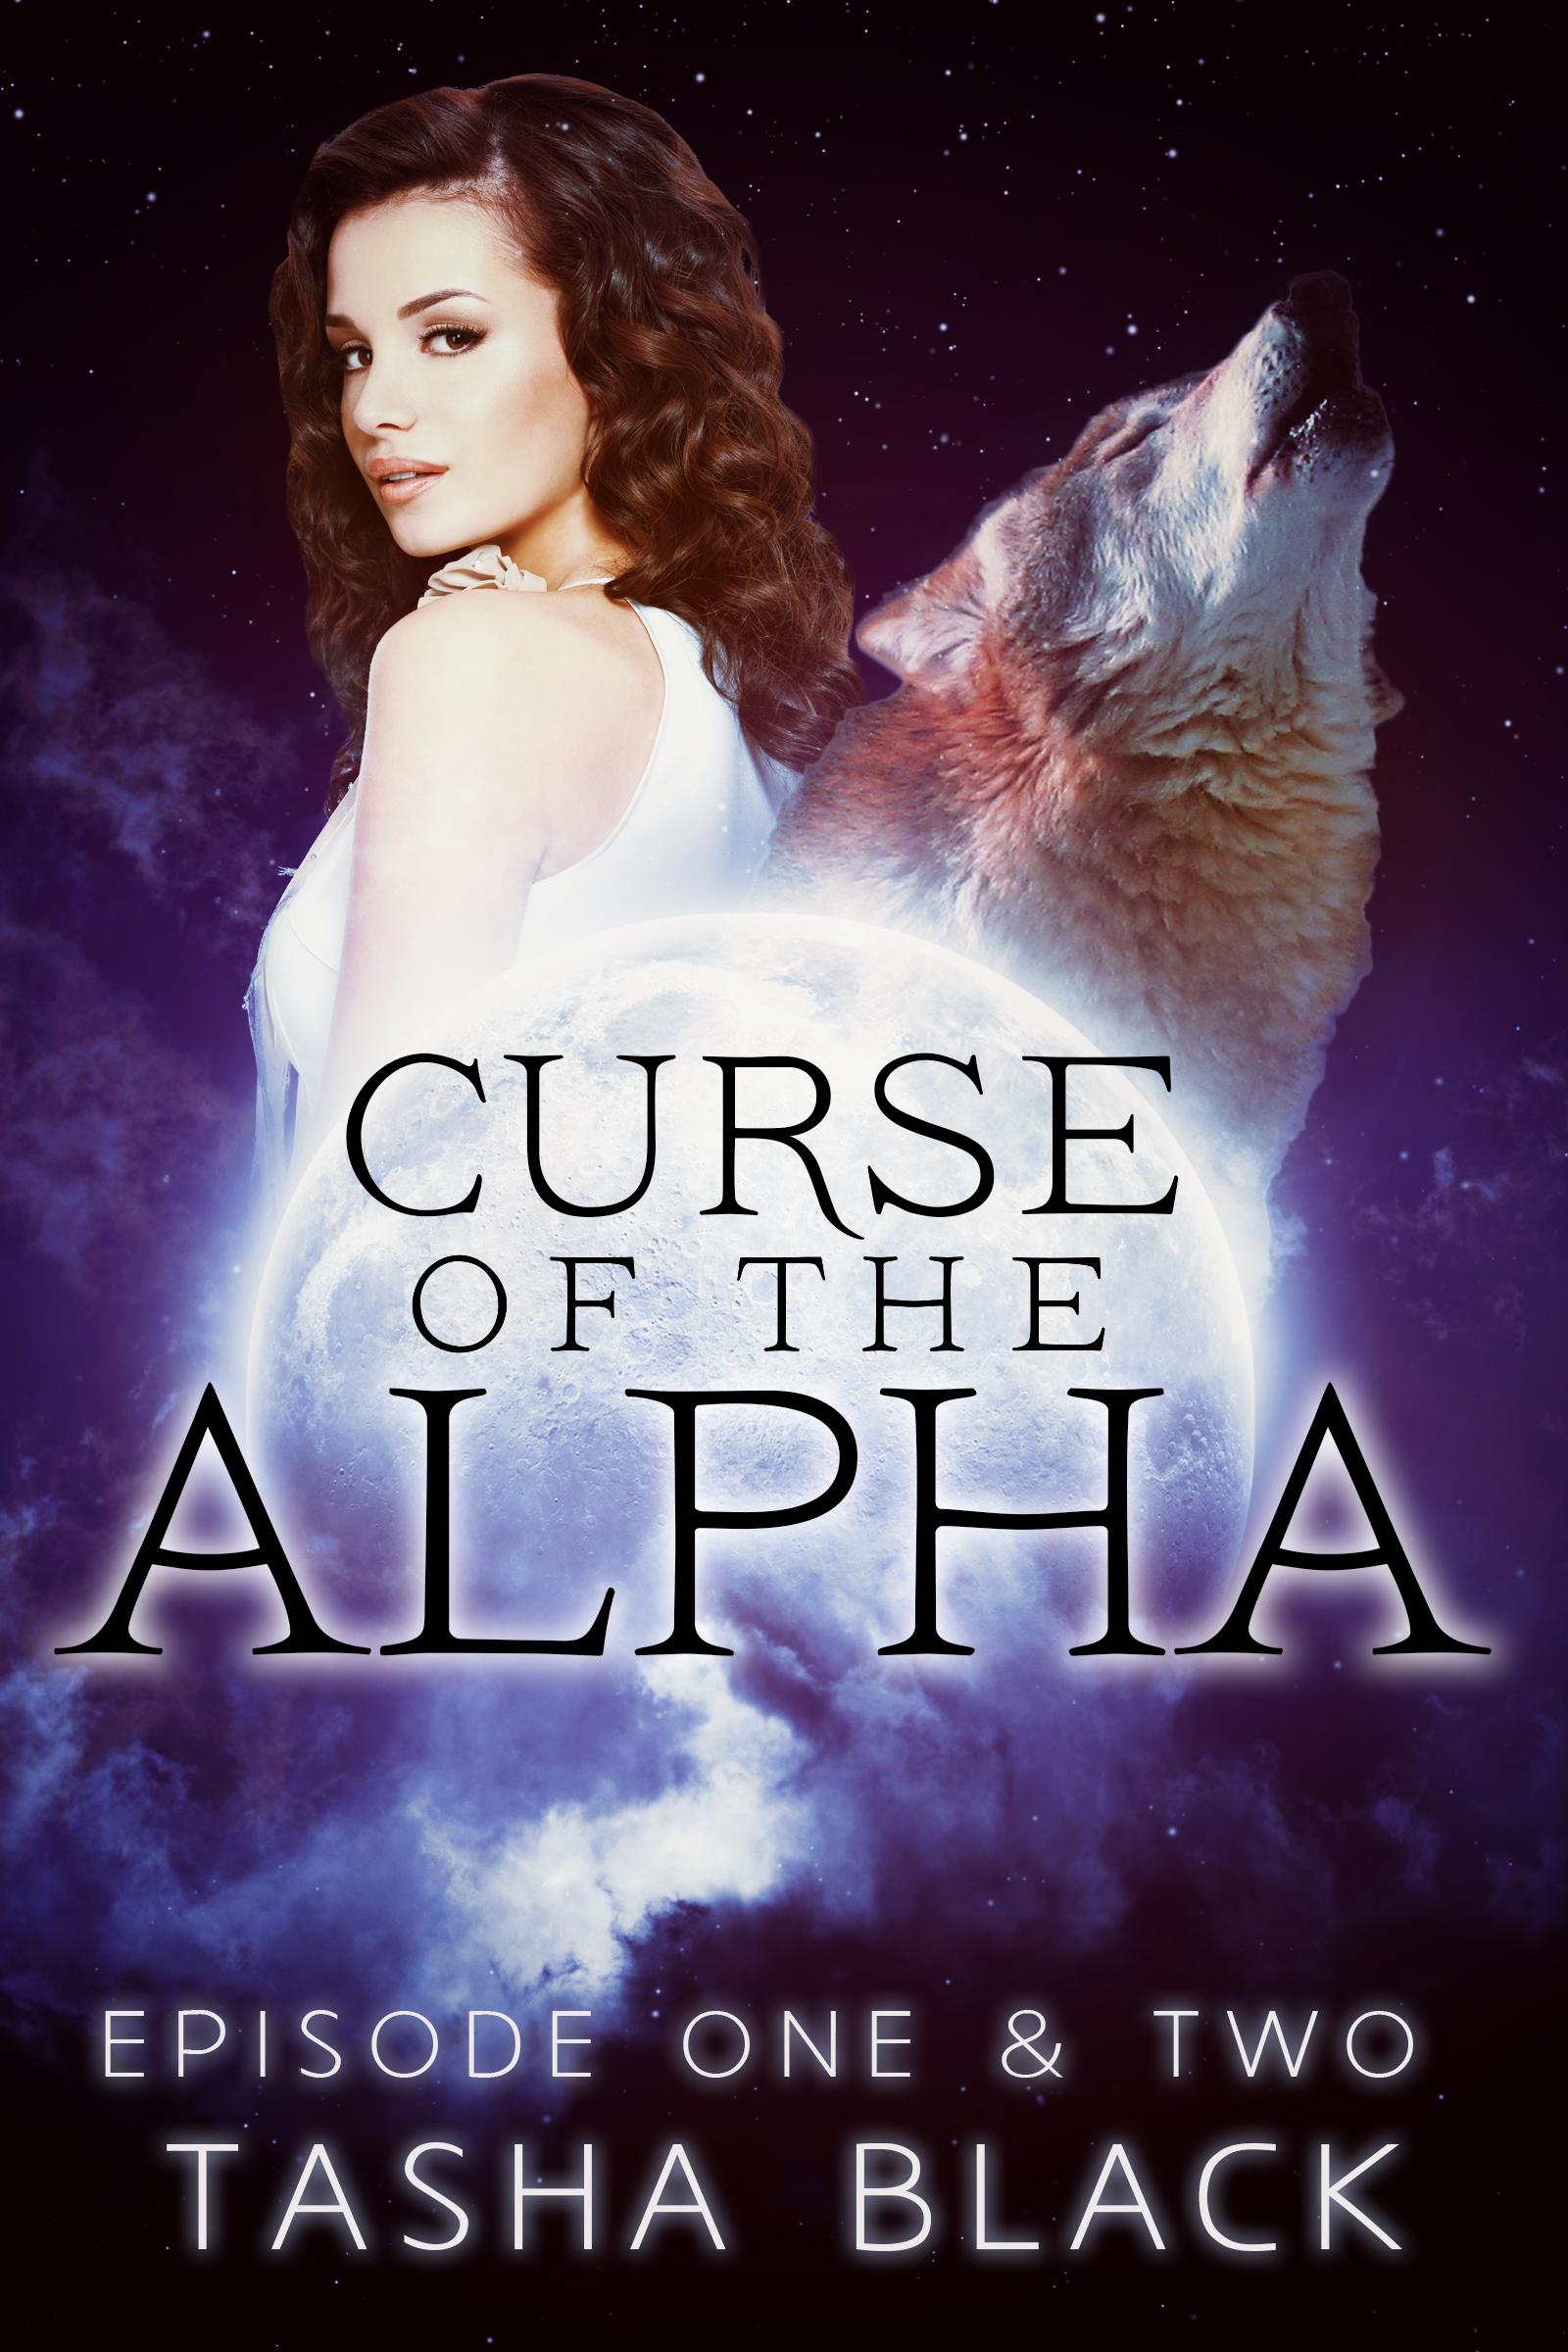 Curse of the alpha: episodes 1 & 2